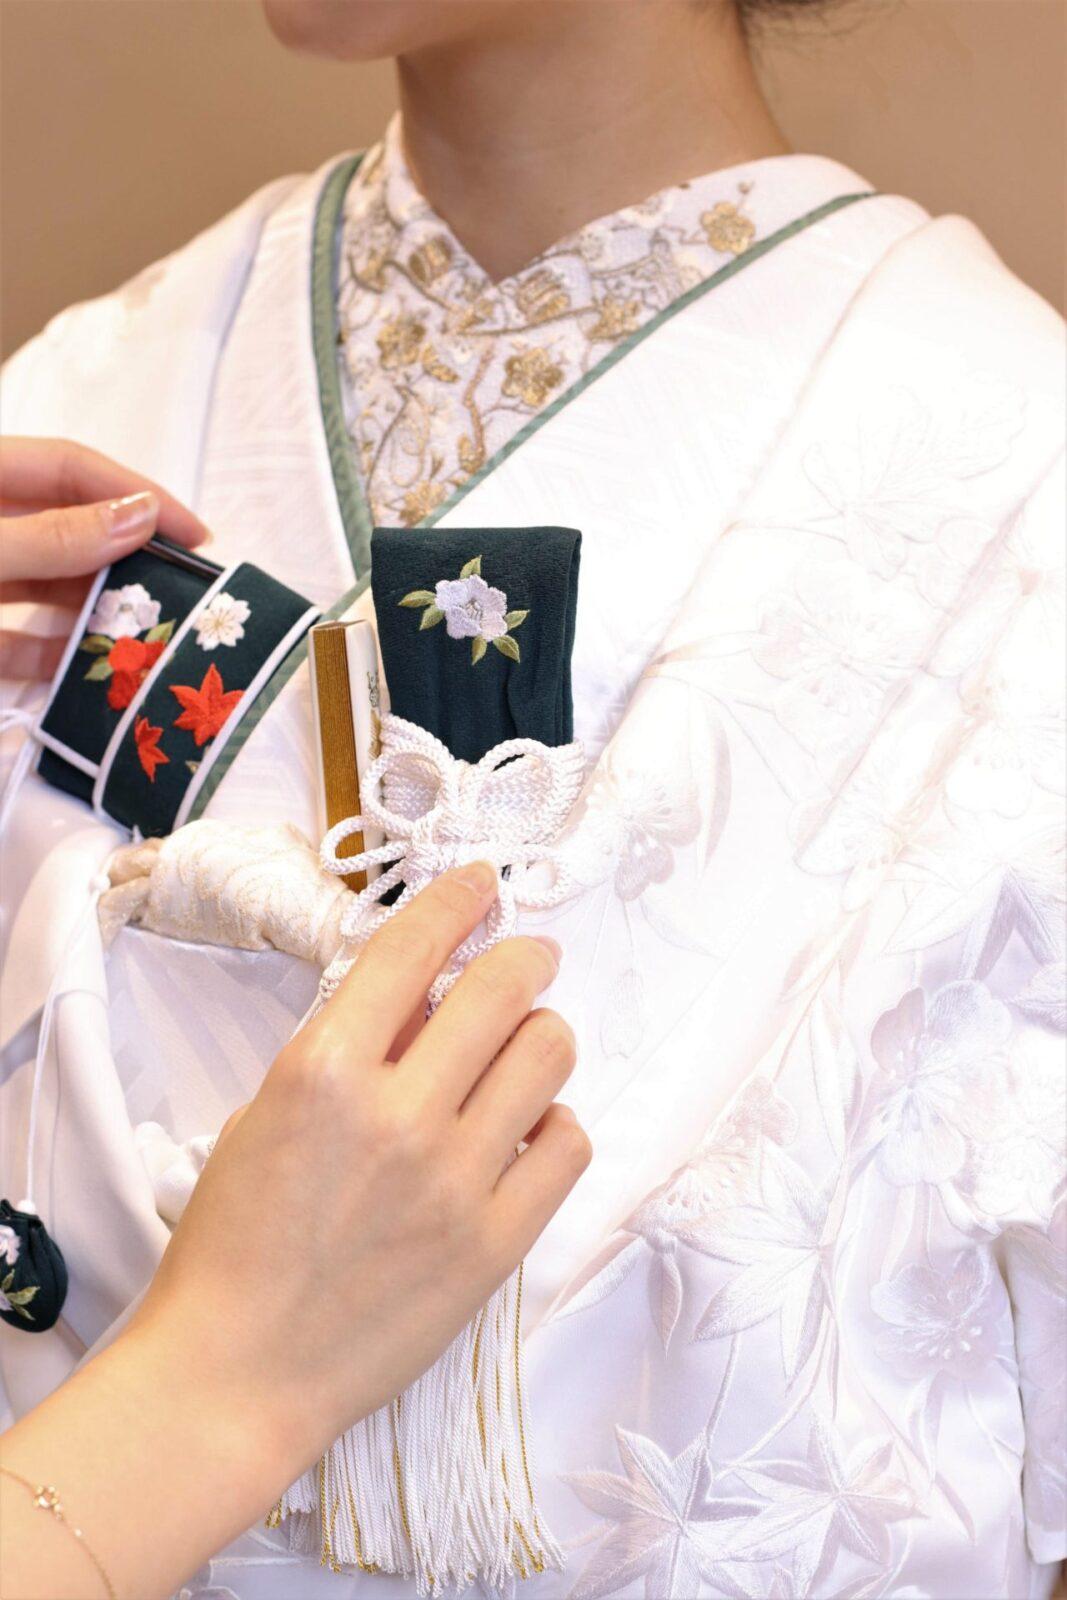 少人数の結婚式で更に人気を増している白無垢は合わせる小物によって印象が変わります。